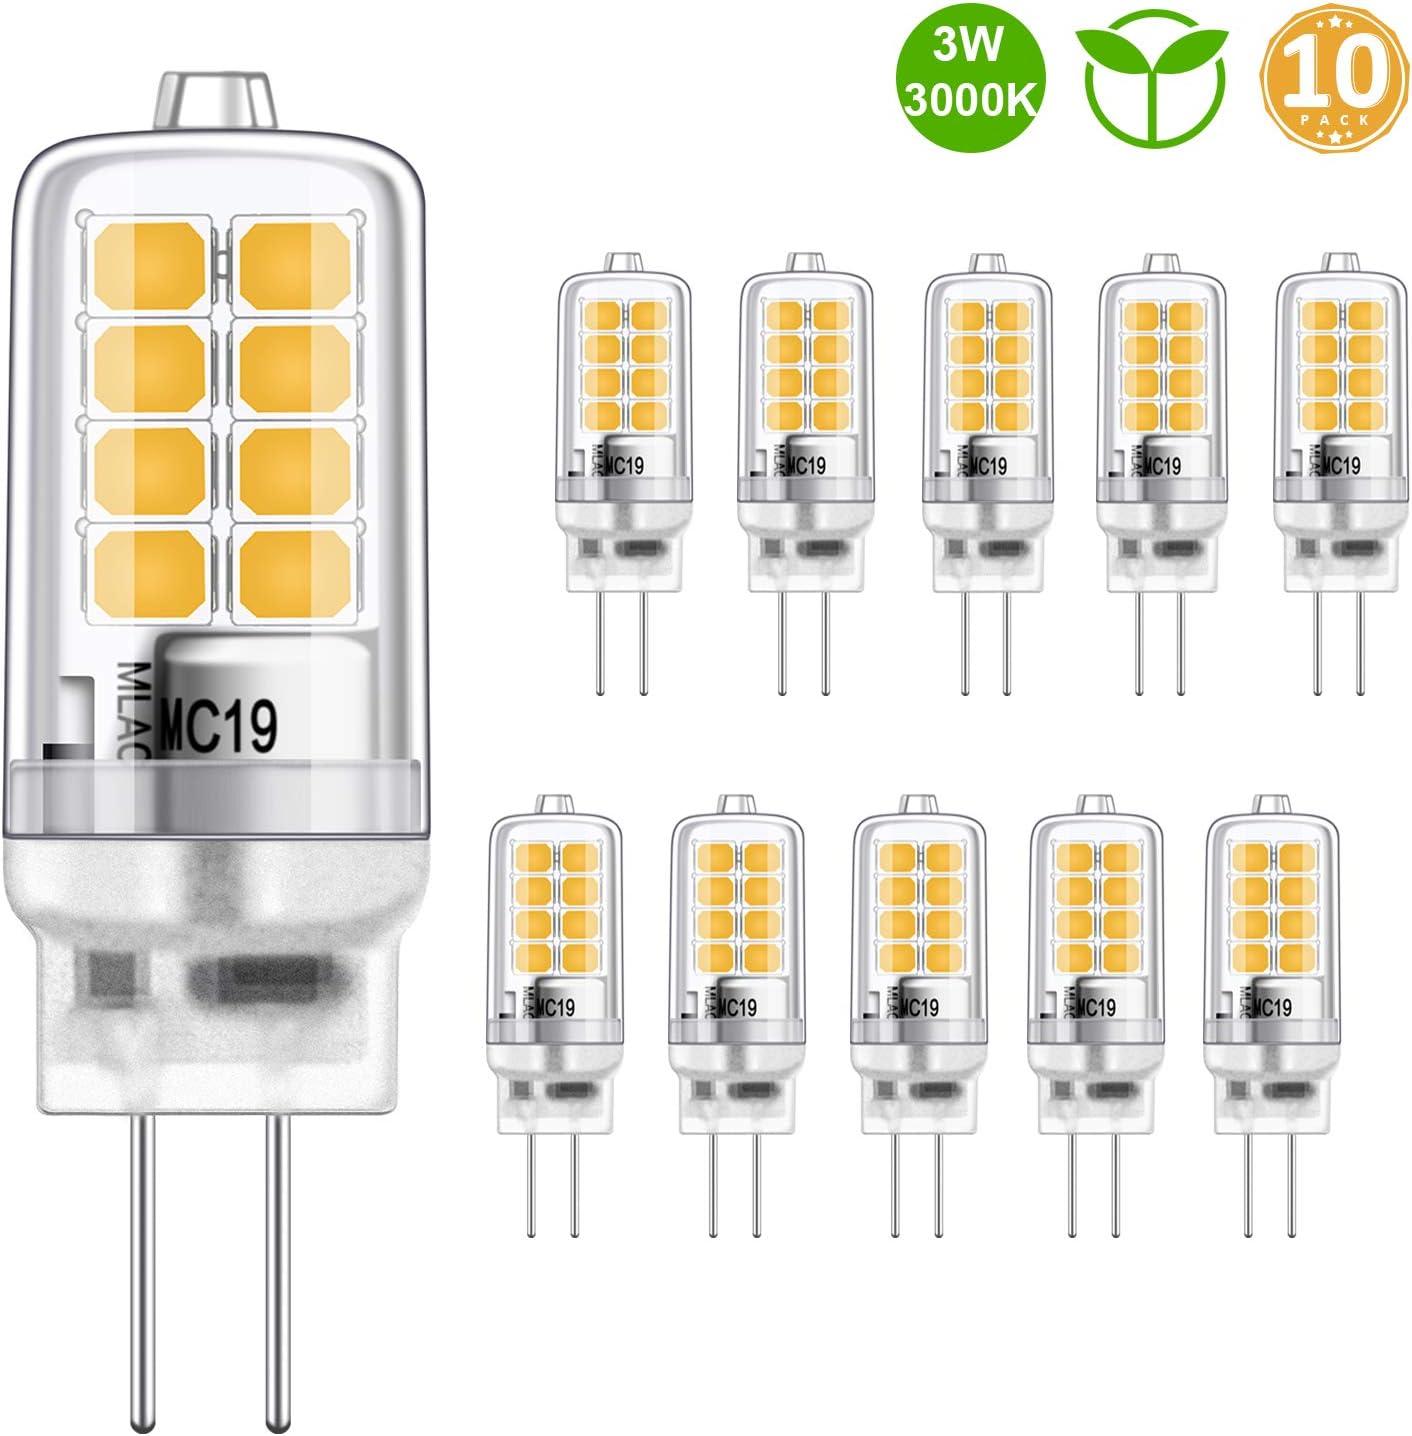 LED G4 Bulbo 3W Equivalente a 20W Halógeno Bombillas, Blanco cálido 3000K, g4 Enchufe El ahorro de energía Lámpara, Sin parpadeo, no regulable, 350LM, 12V AC/DC, paquete de 10